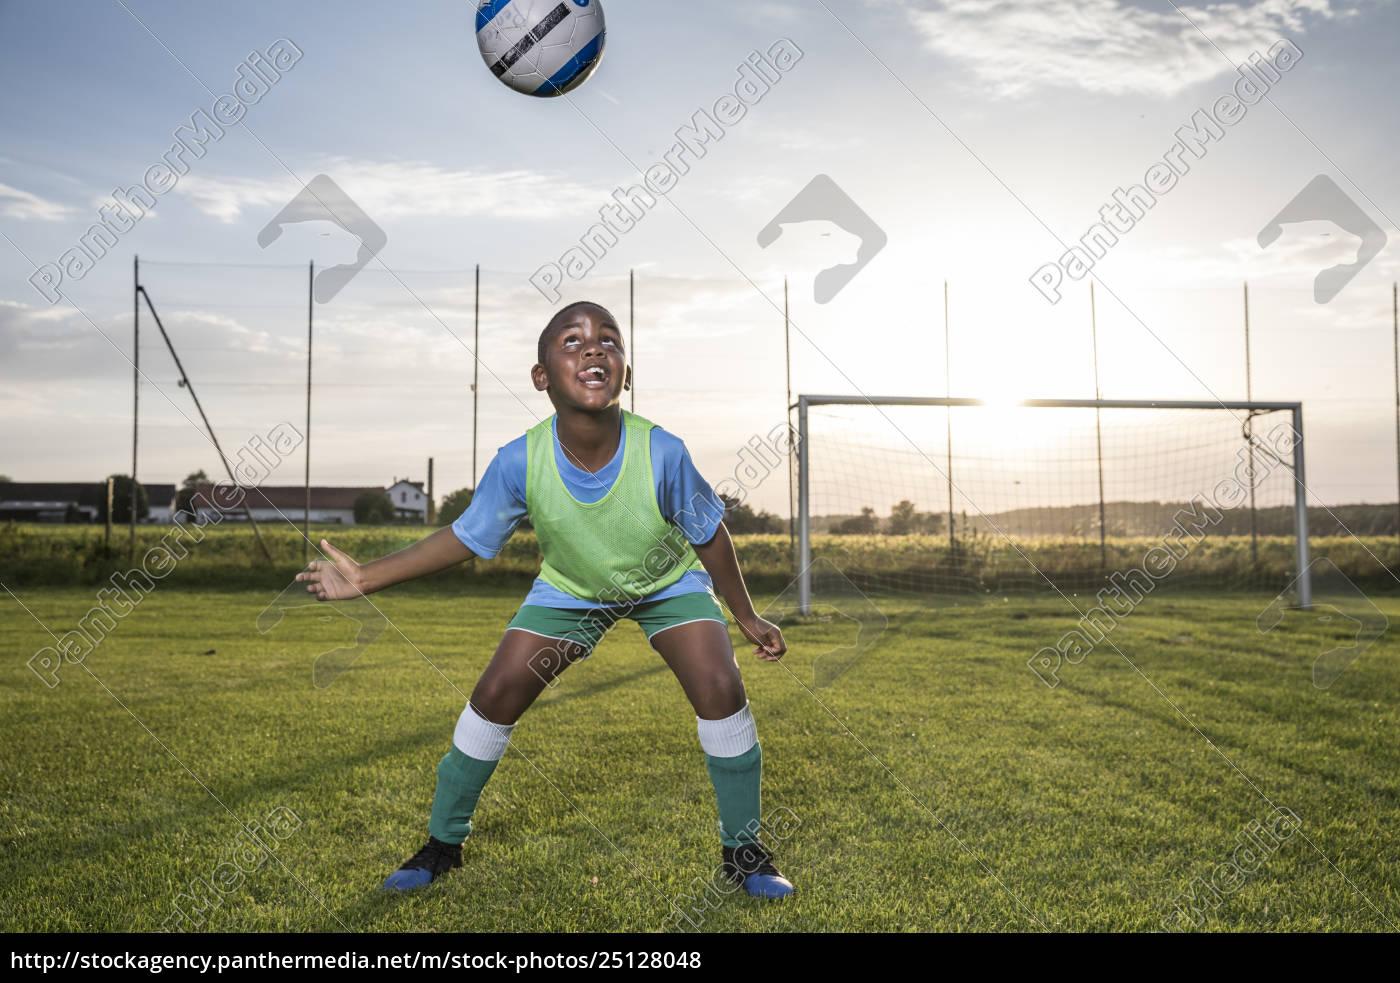 giovane, giocatore, di, calcio, a, capo - 25128048